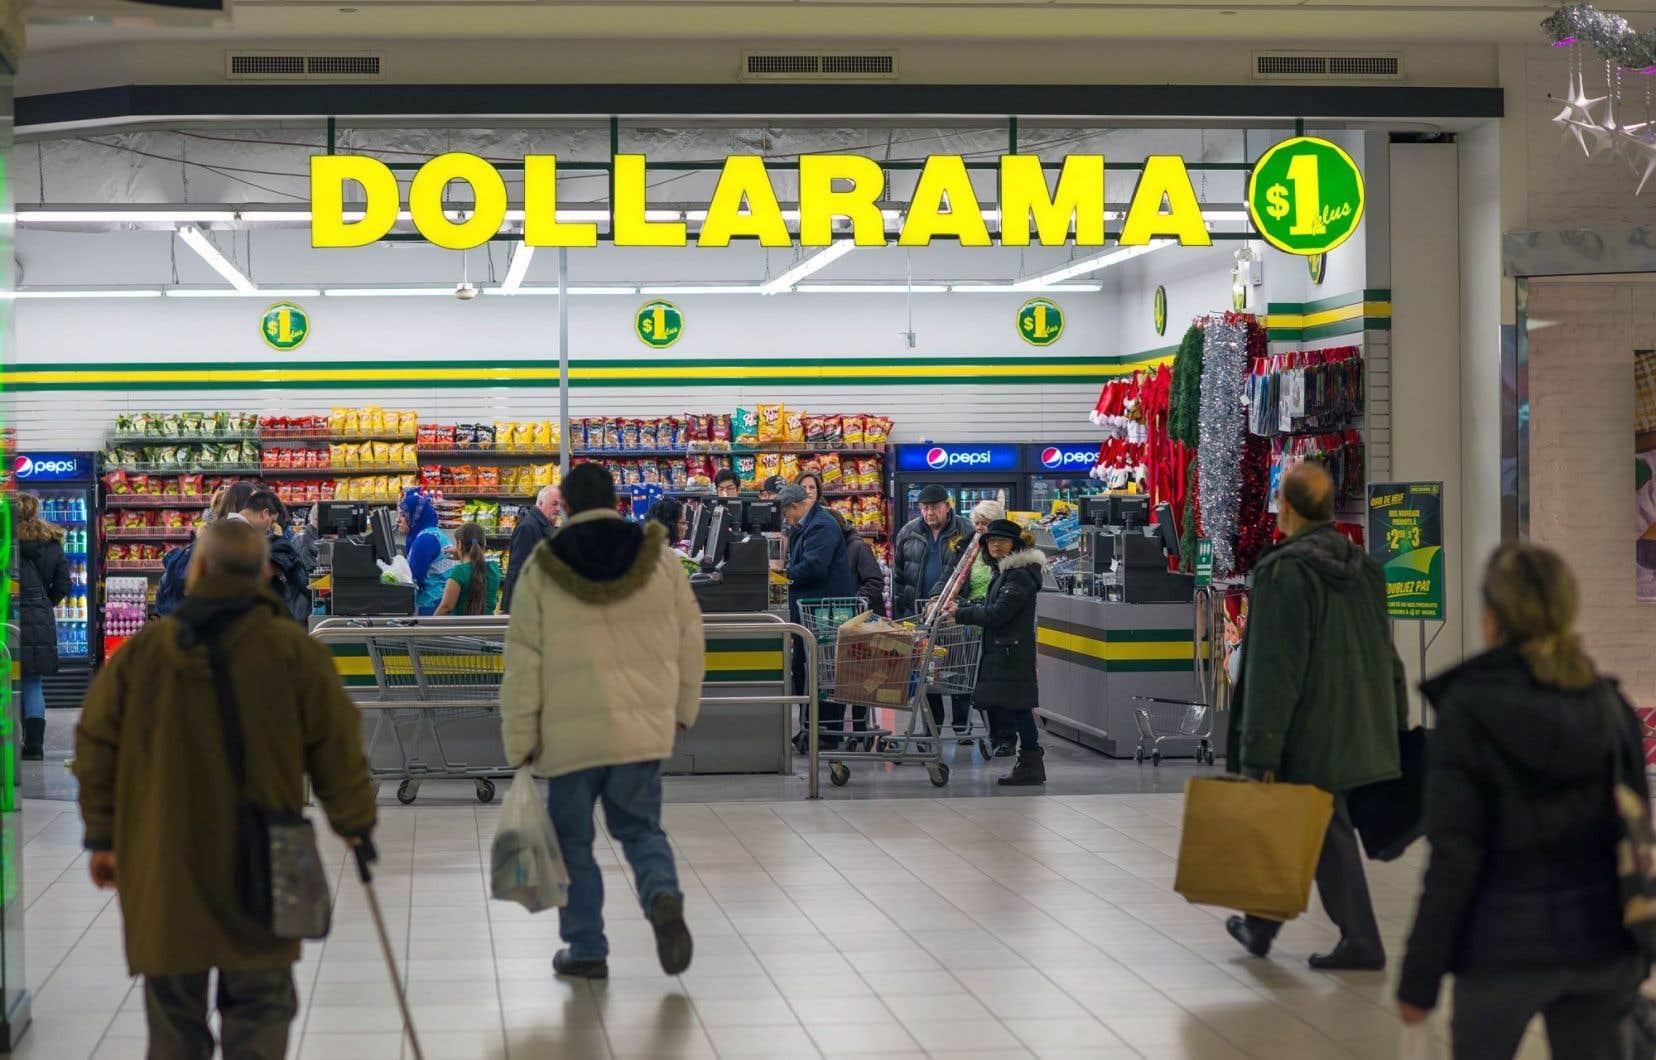 Au cours de la prochaine année financière, Dollarama prévoit ouvrir entre 60 et 70 nouveaux magasins.